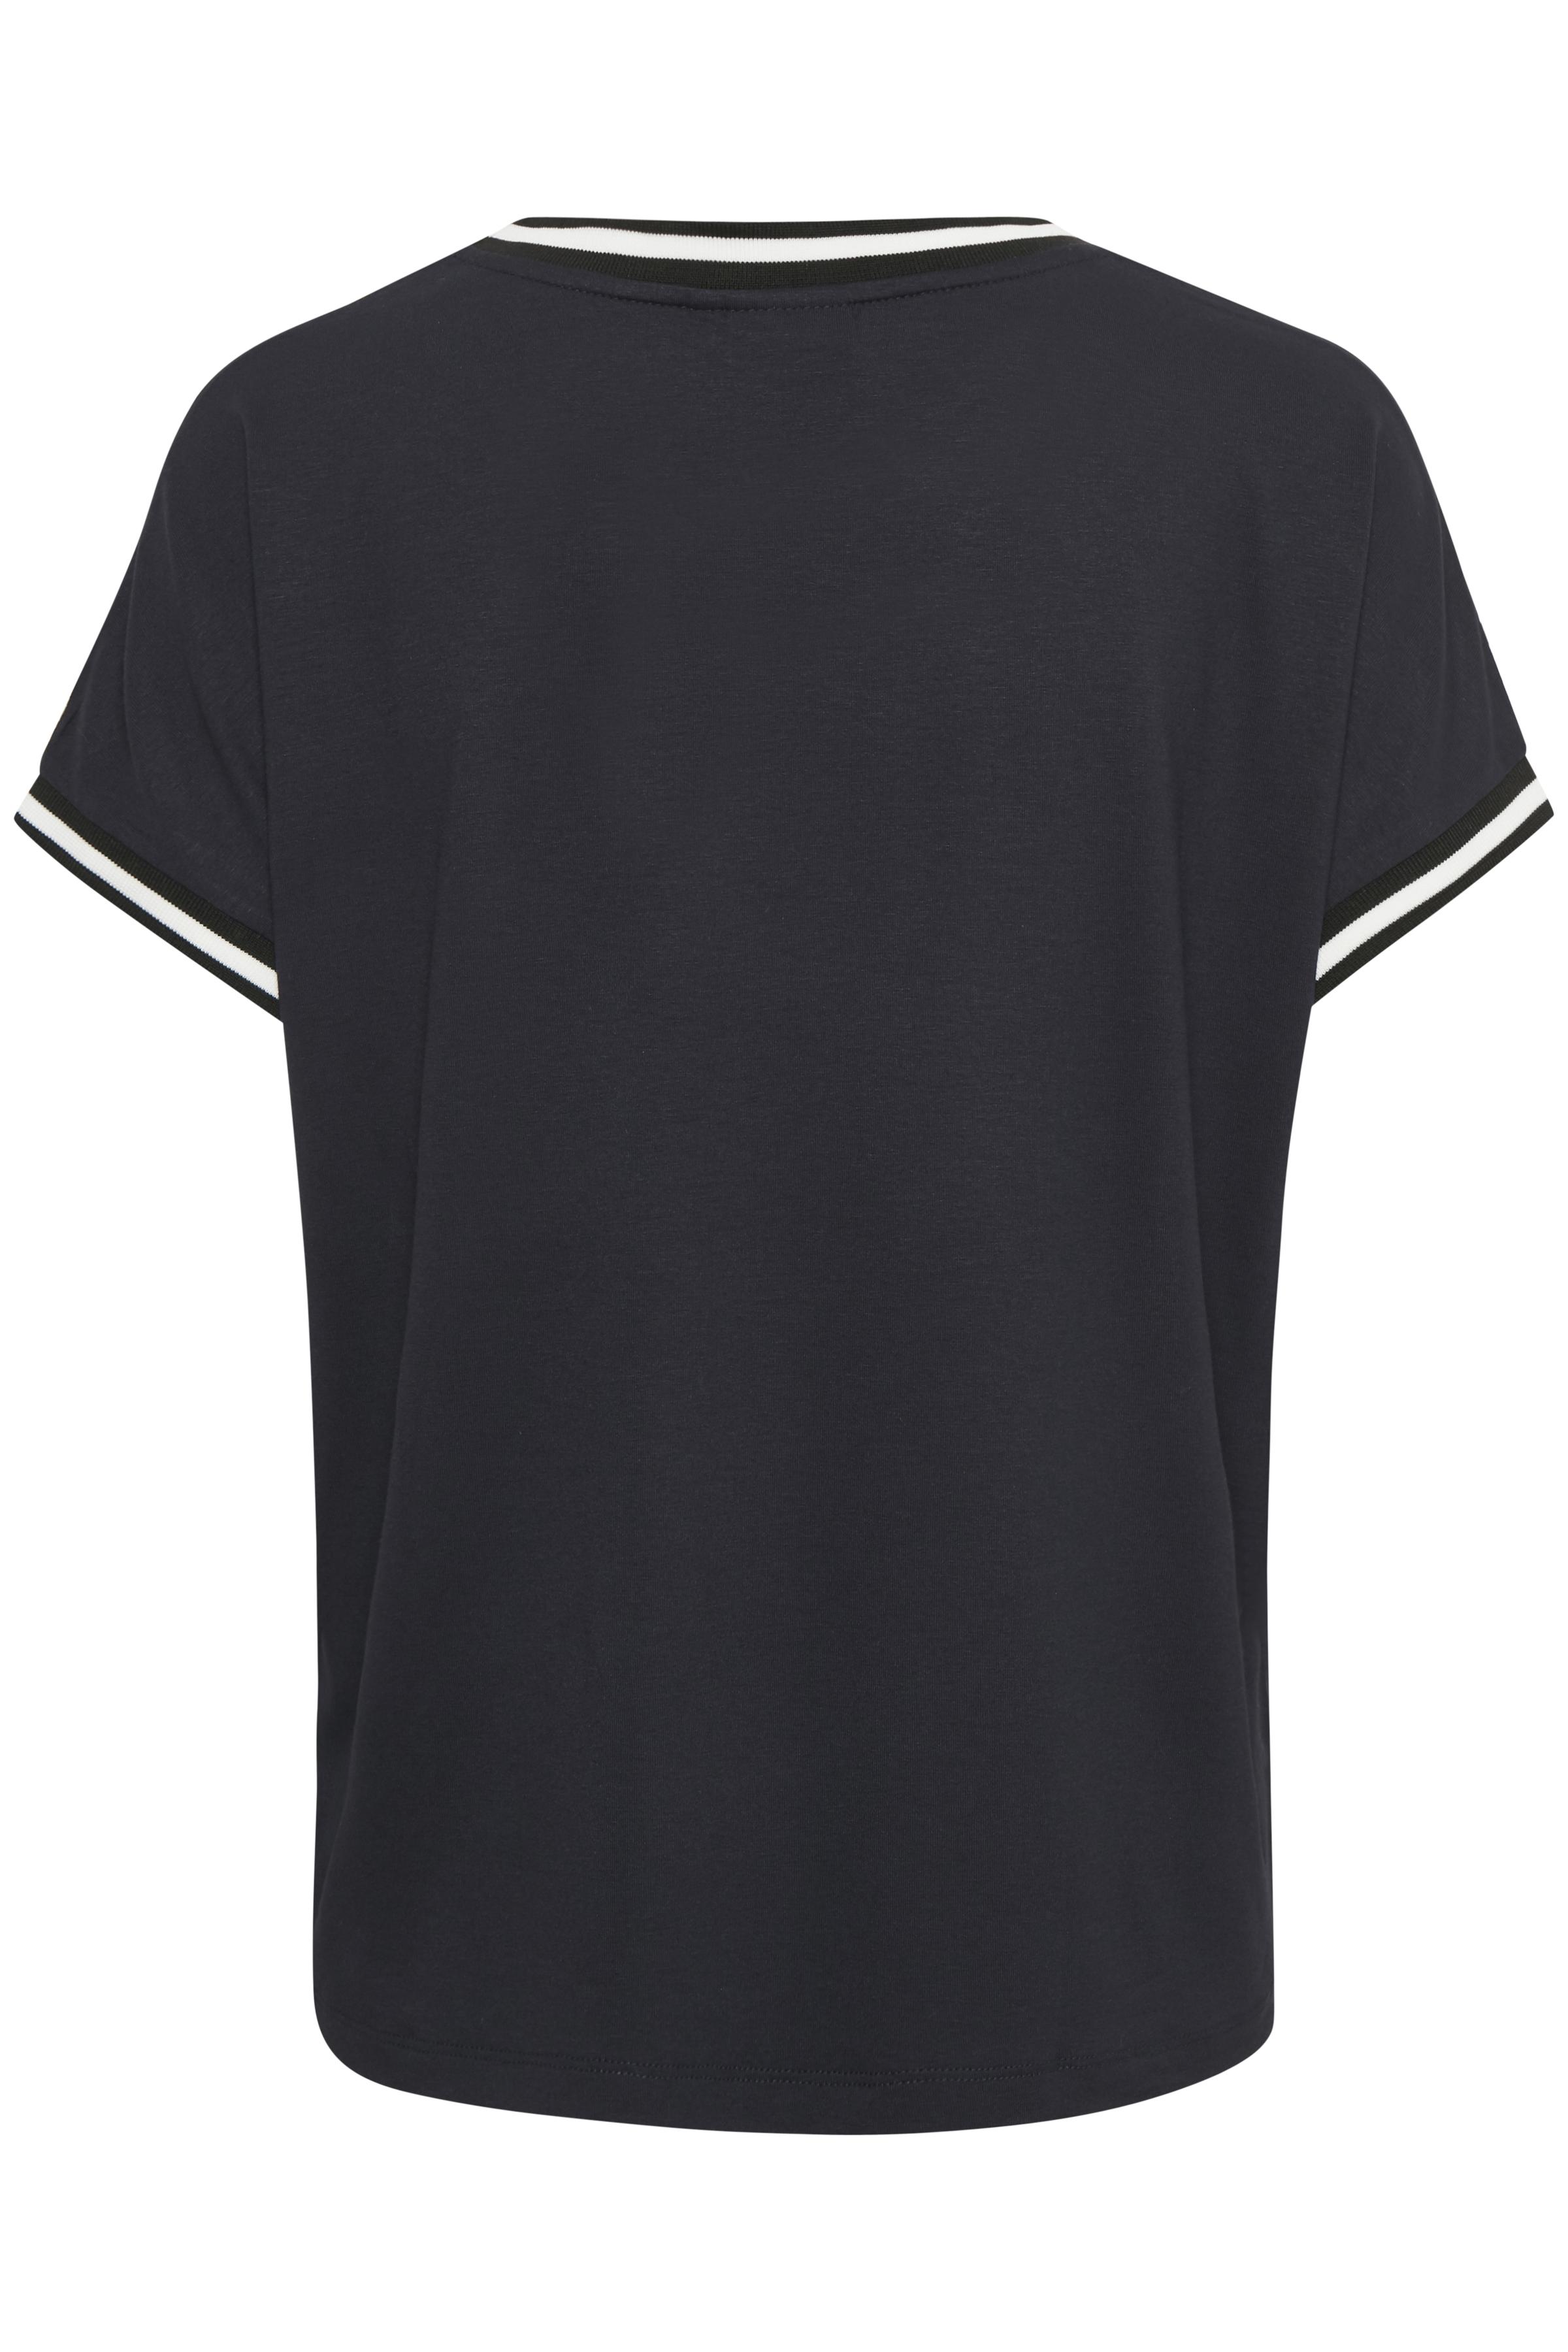 Marineblau/weiß Kurzarm T-Shirt von b.young – Shoppen Sie Marineblau/weiß Kurzarm T-Shirt ab Gr. XS-XXL hier